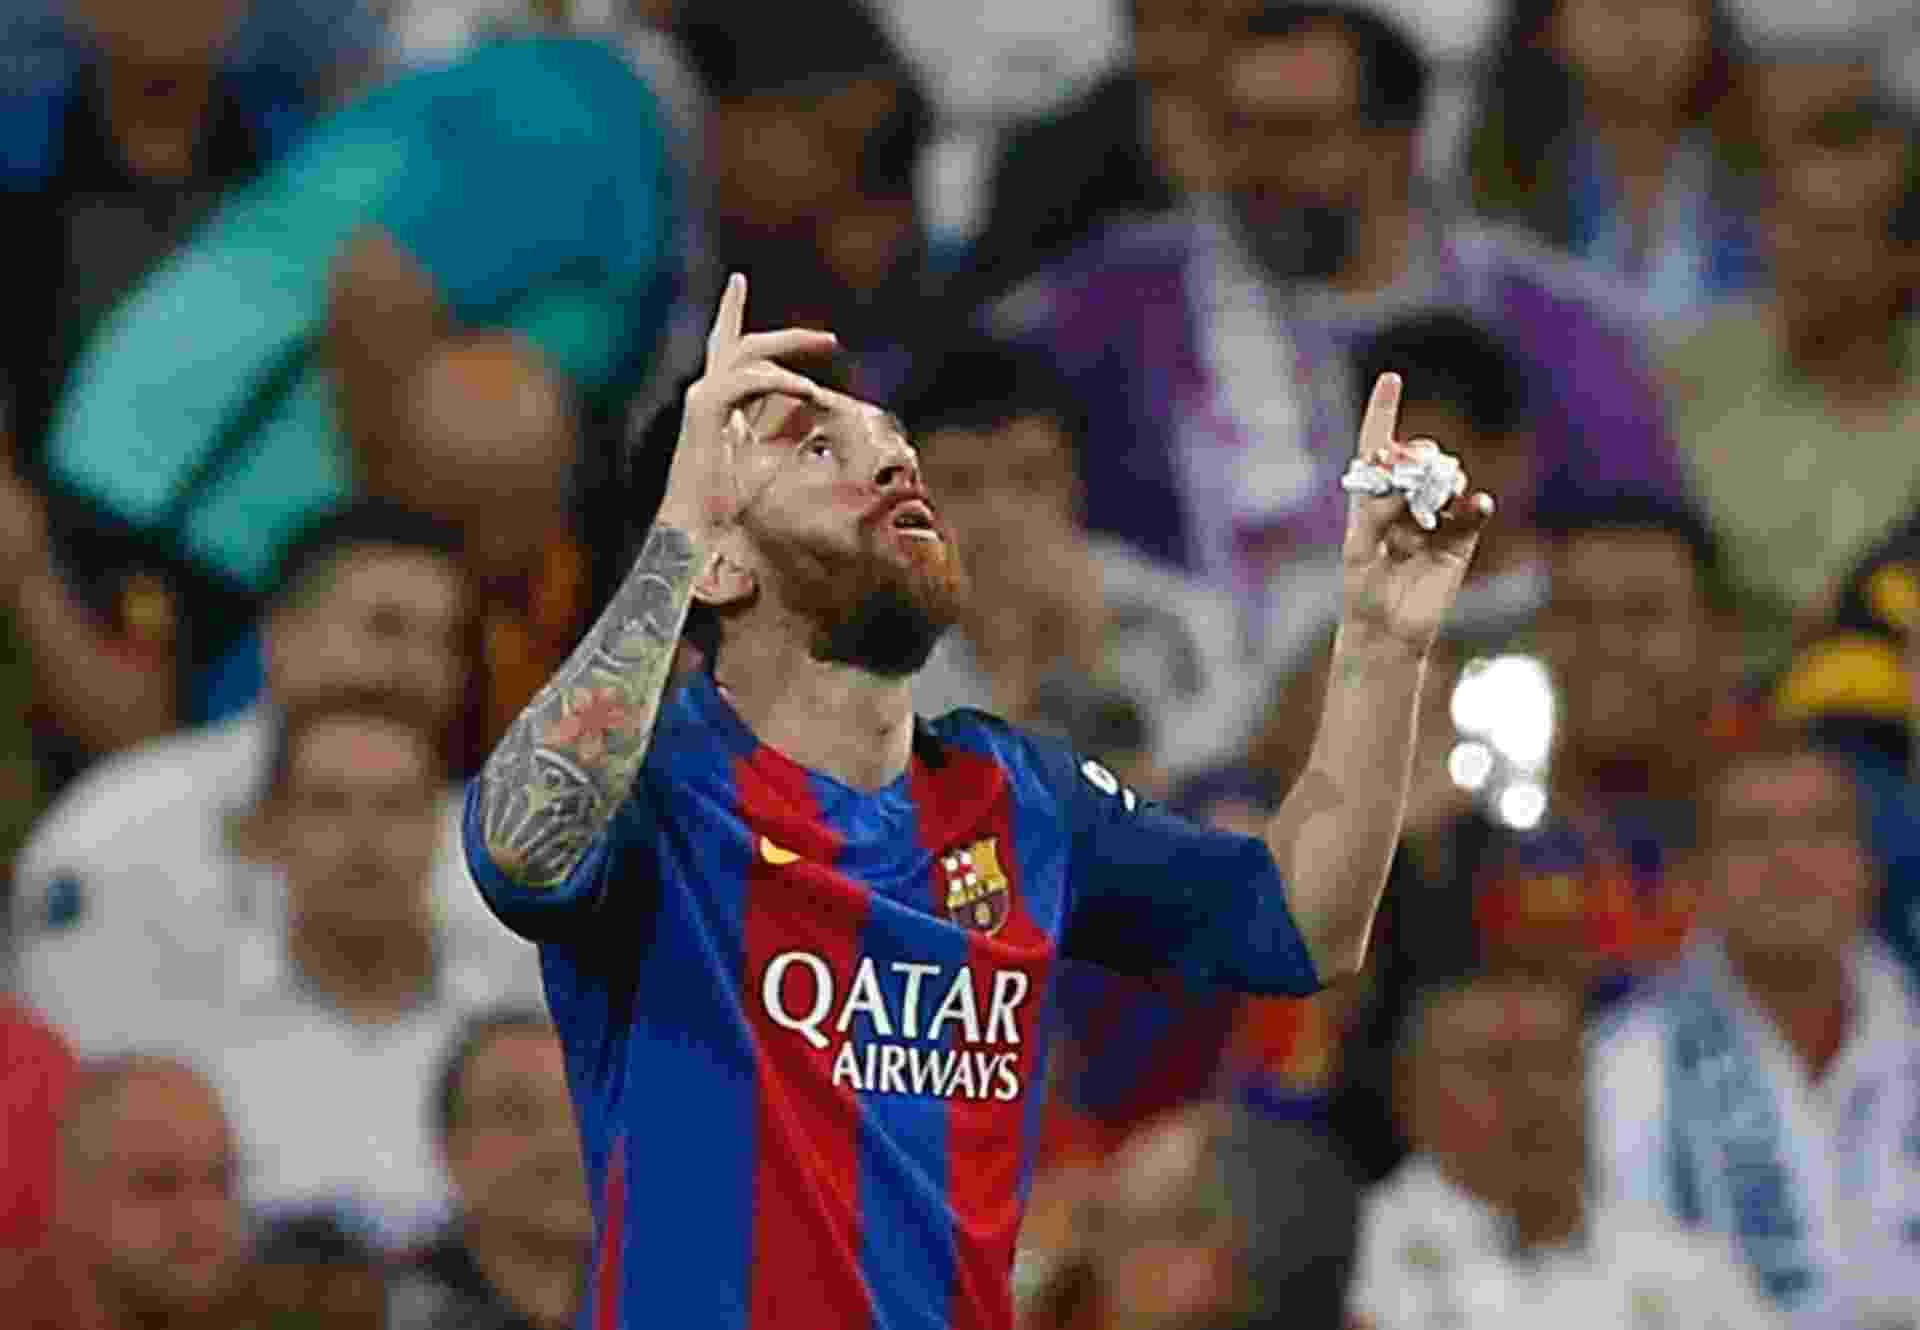 Messi comemora após empatar o placar contra o Real Madrid - Reuters / Susana Vera